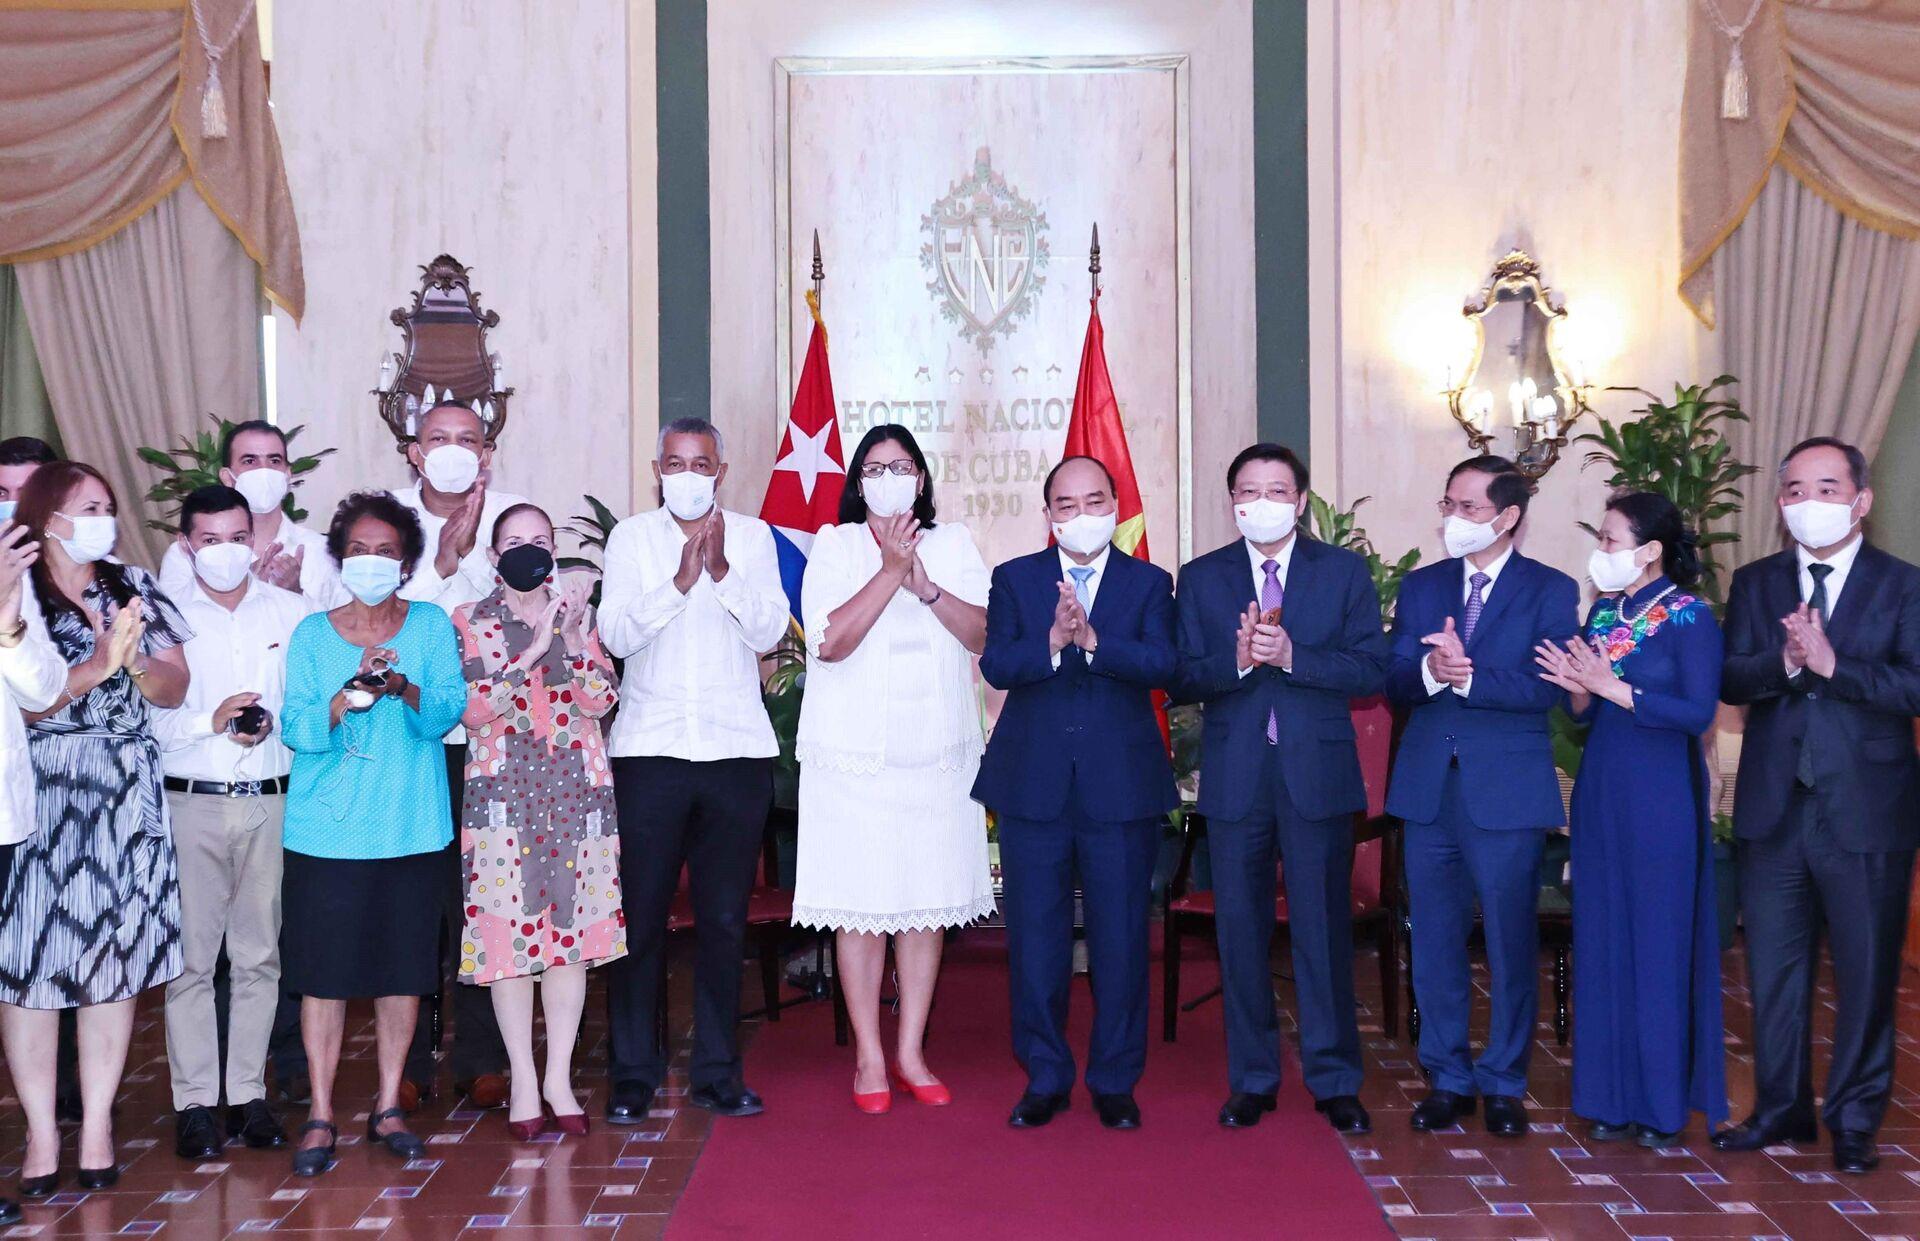 Chủ tịch nước Nguyễn Xuân Phúc với Phó Chủ tịch thứ nhất Viện Cuba hữu nghị với các dân tộc (ICAP) Noemi Rabaza Fernandez và các đại biểu - Sputnik Việt Nam, 1920, 05.10.2021